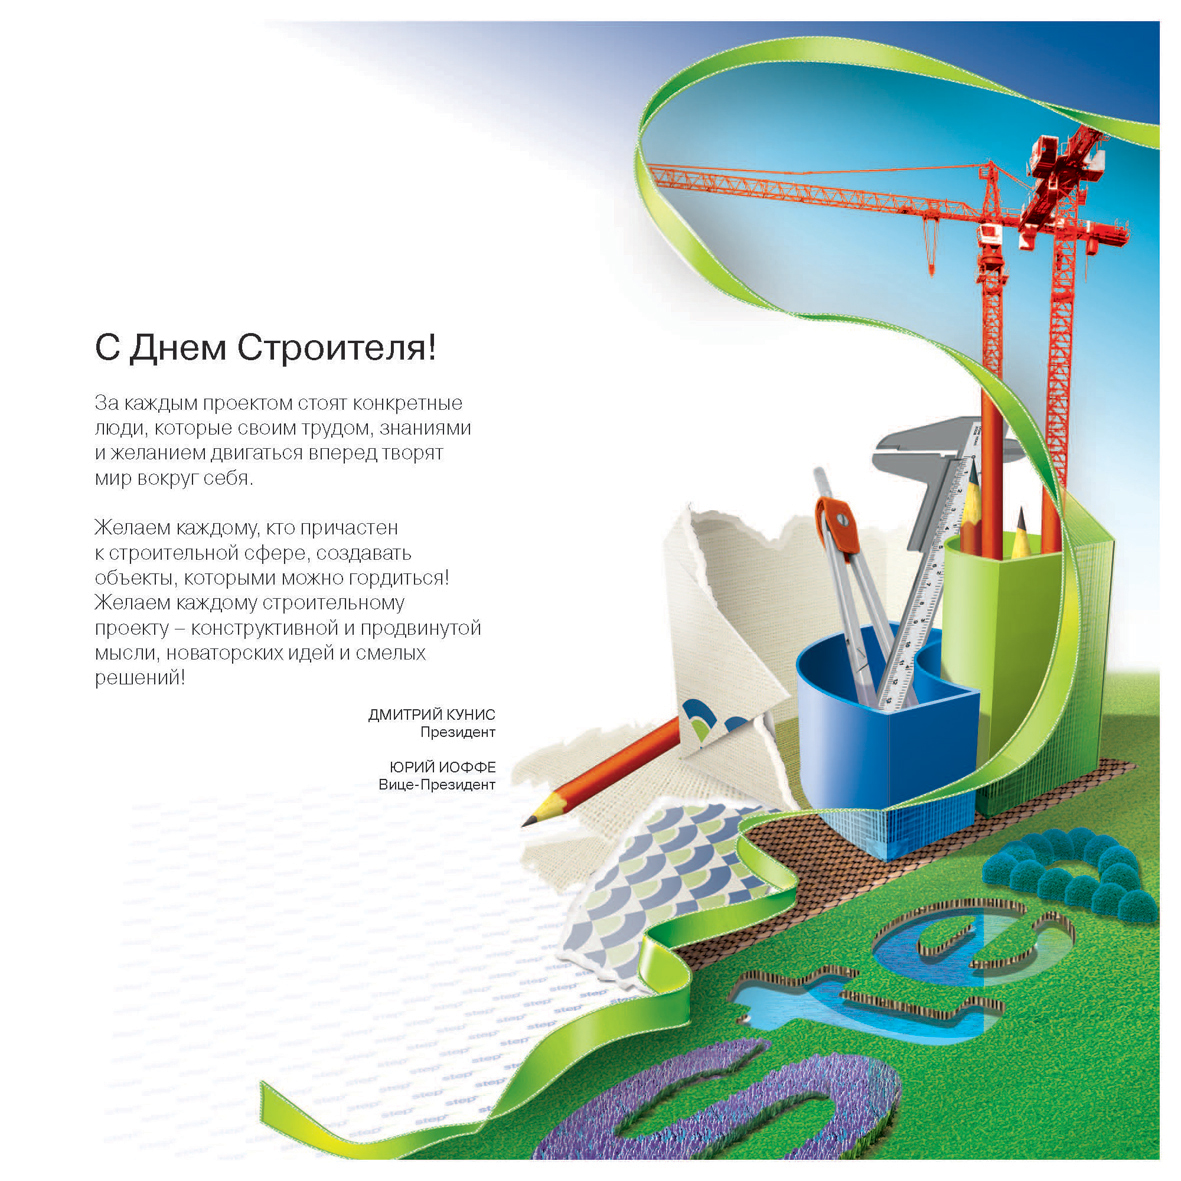 открытки ко дню строителя проектировщикам натура таких